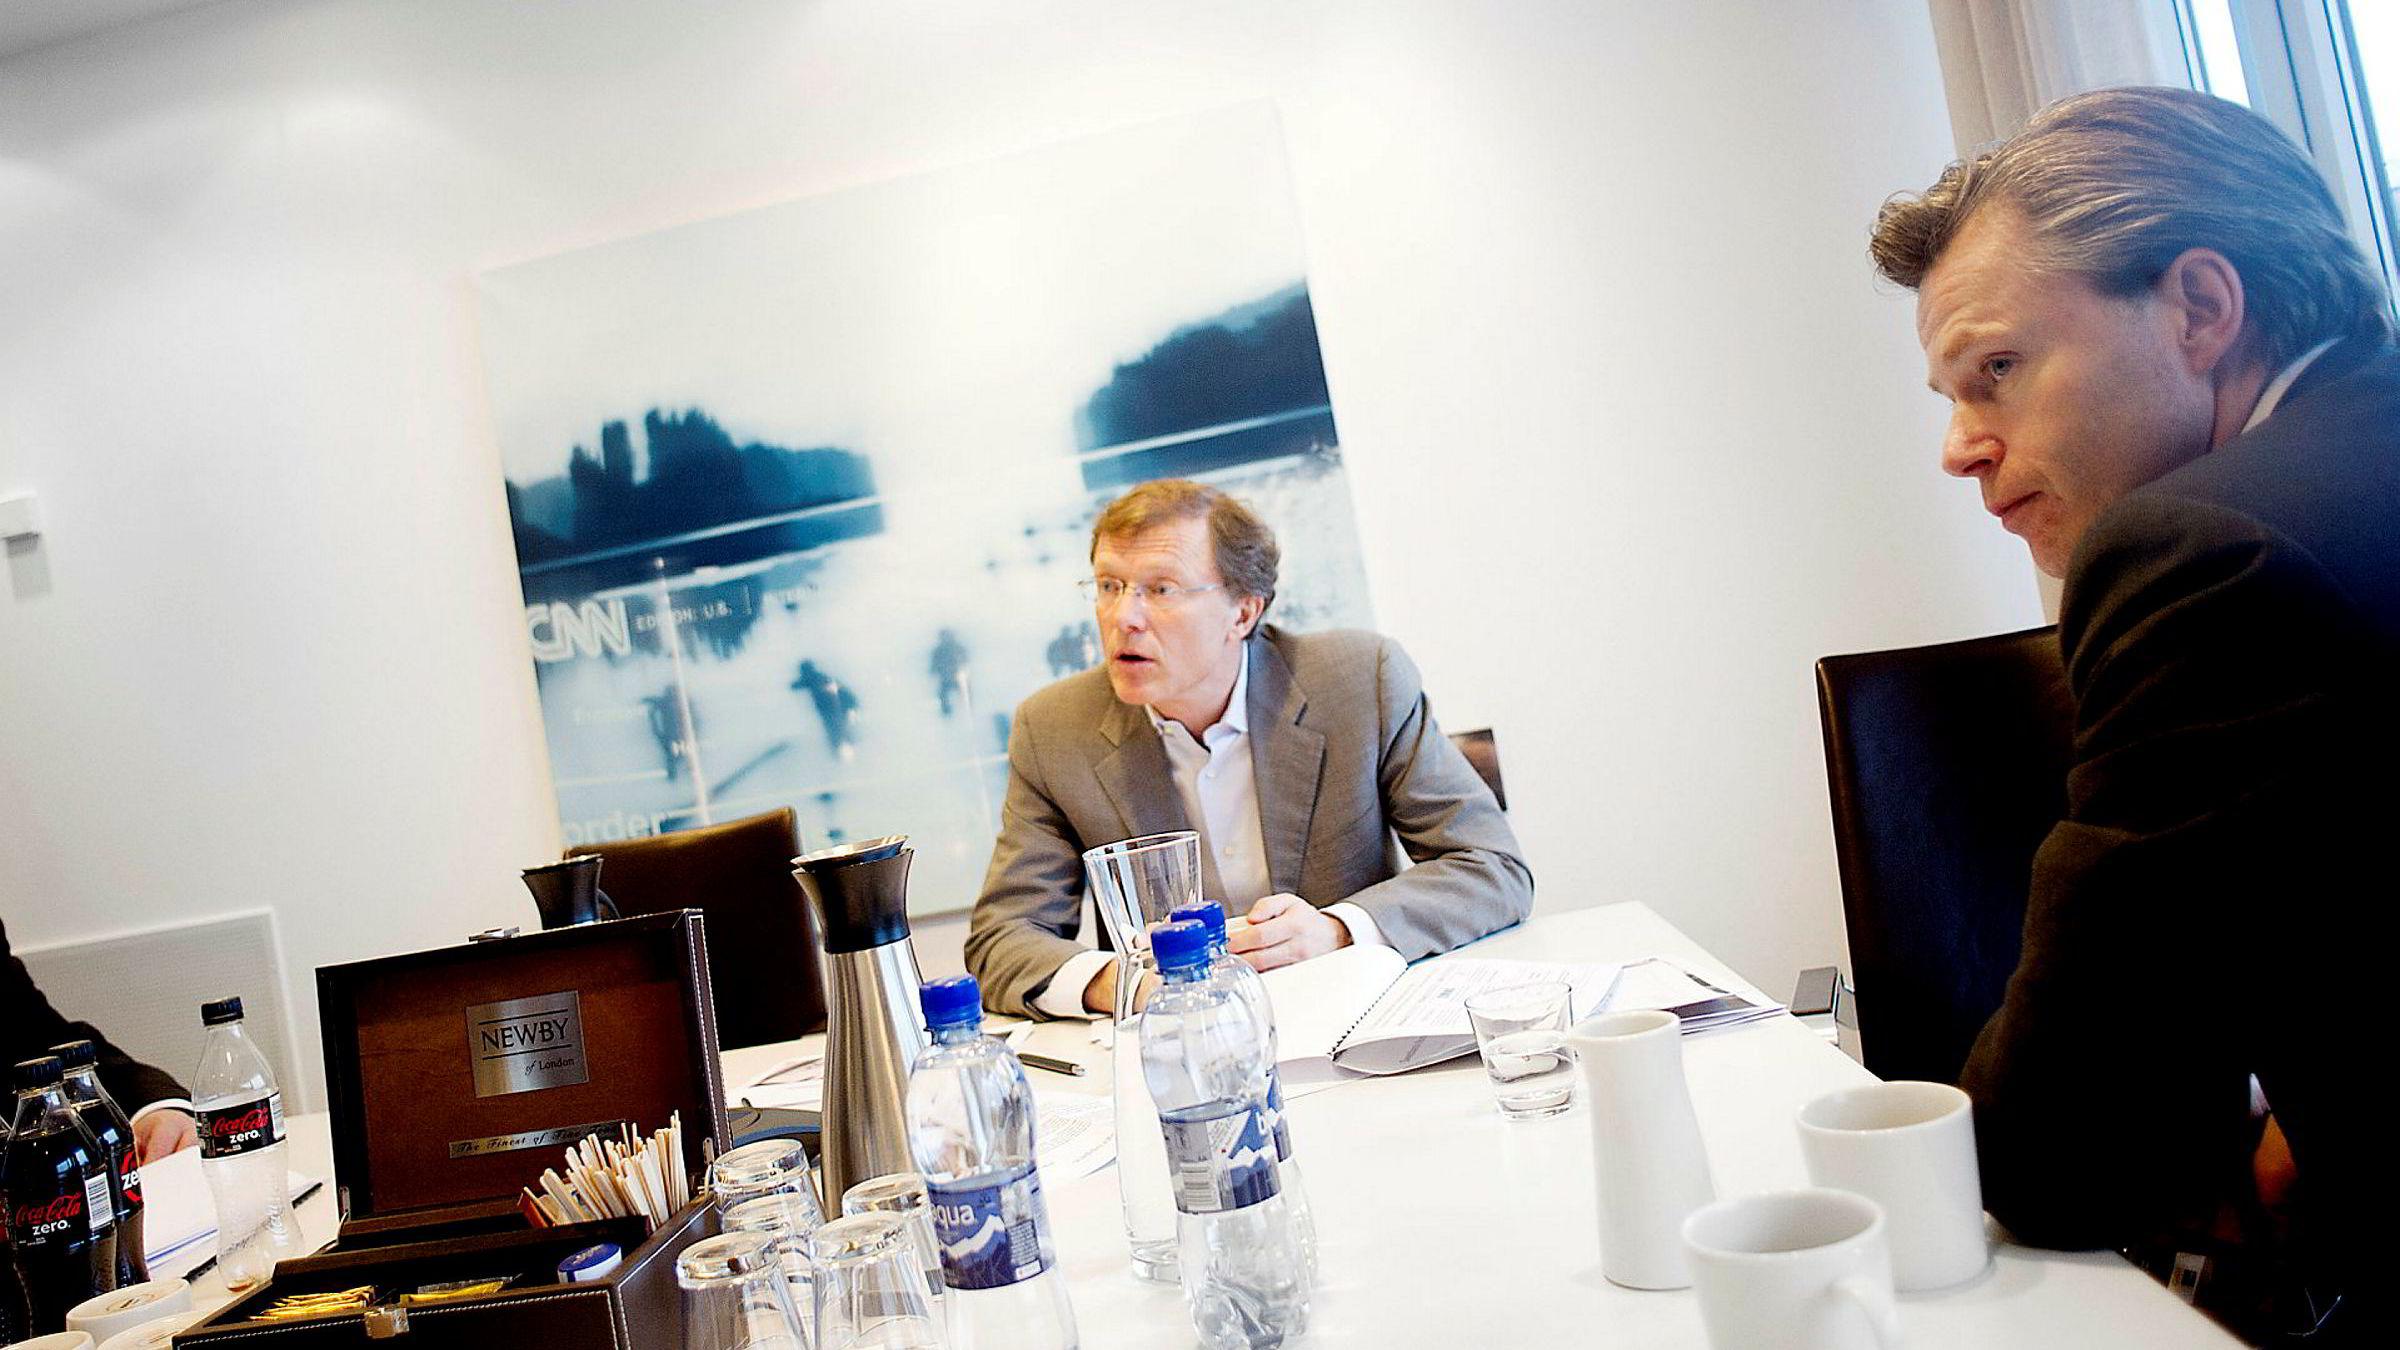 Aksjestrateg Peter Hermanrud i Swedbank tror på oppsving for sykliske aksjer som riggaksjer i 2017. Corporate-sjef Ove Gusevik (til høyre) venter også oppsving i rentenivået.